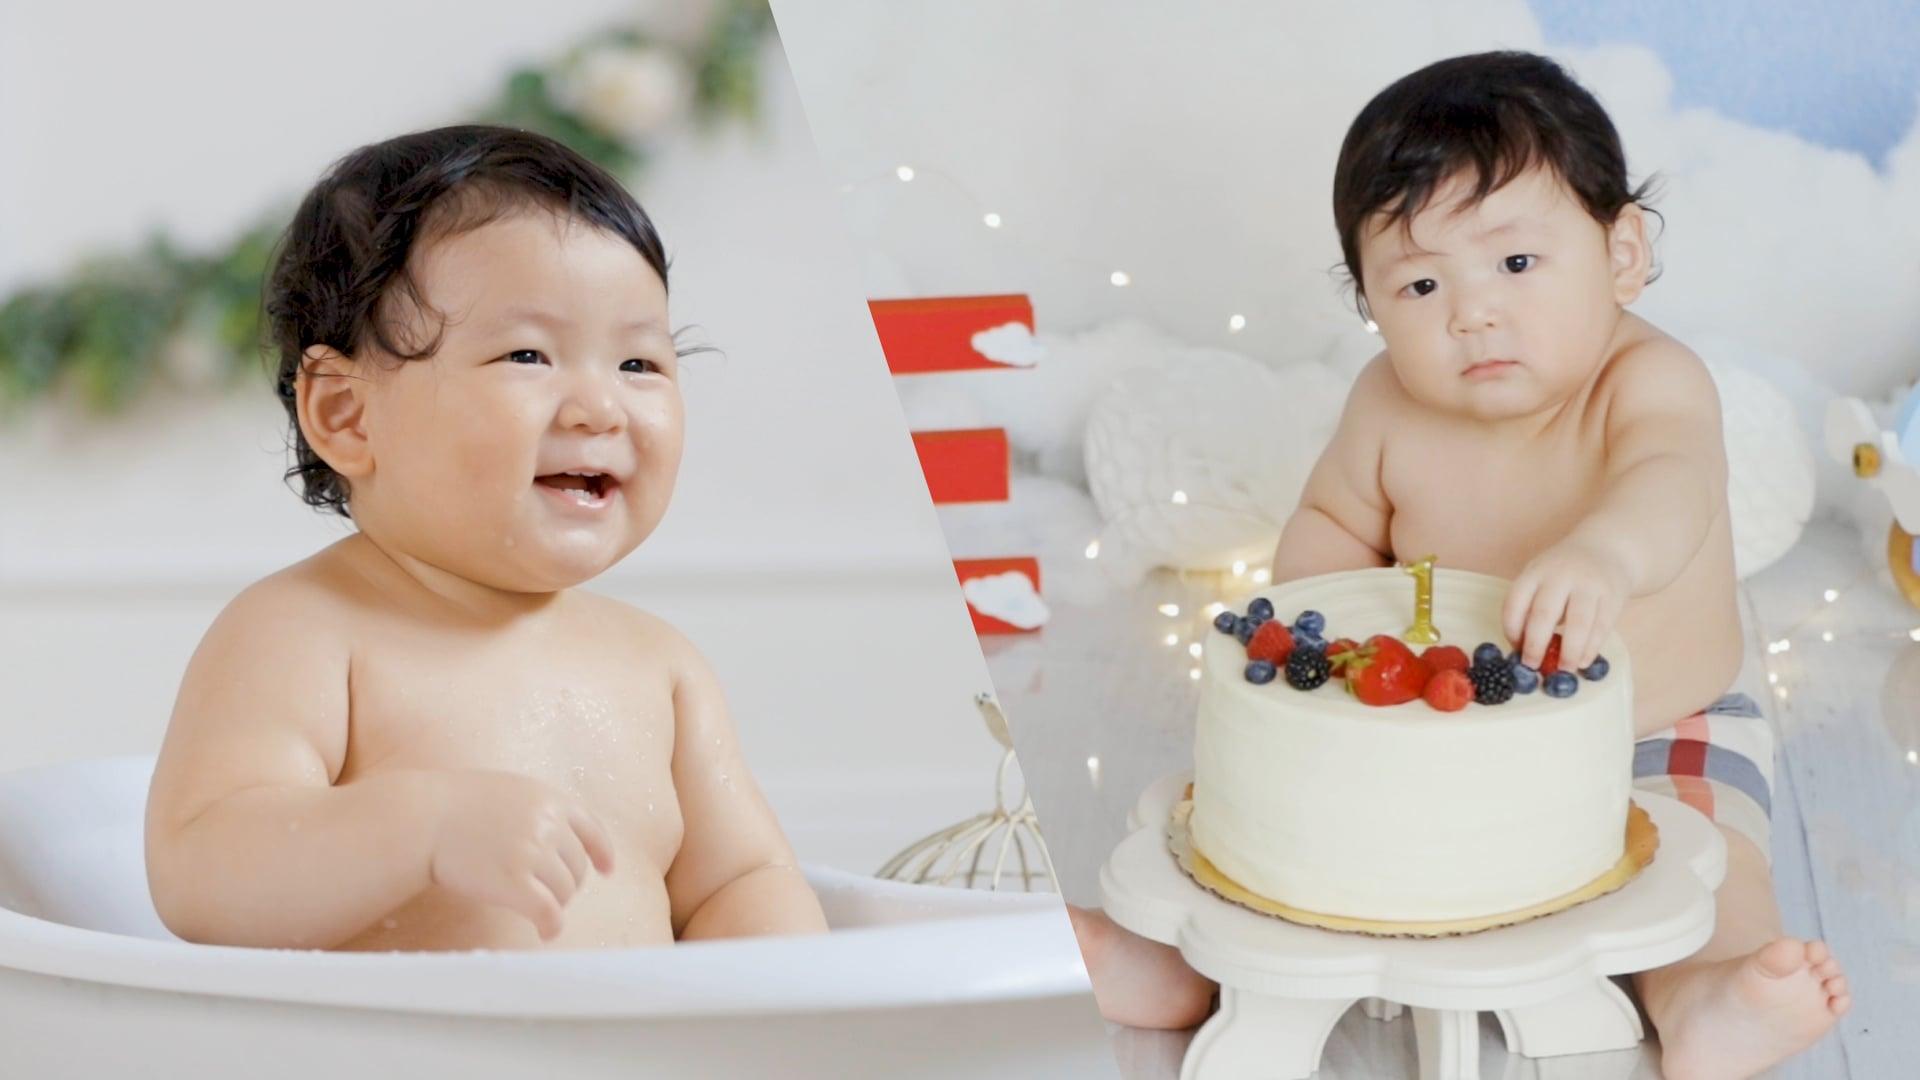 Cake Smash and Bath Time